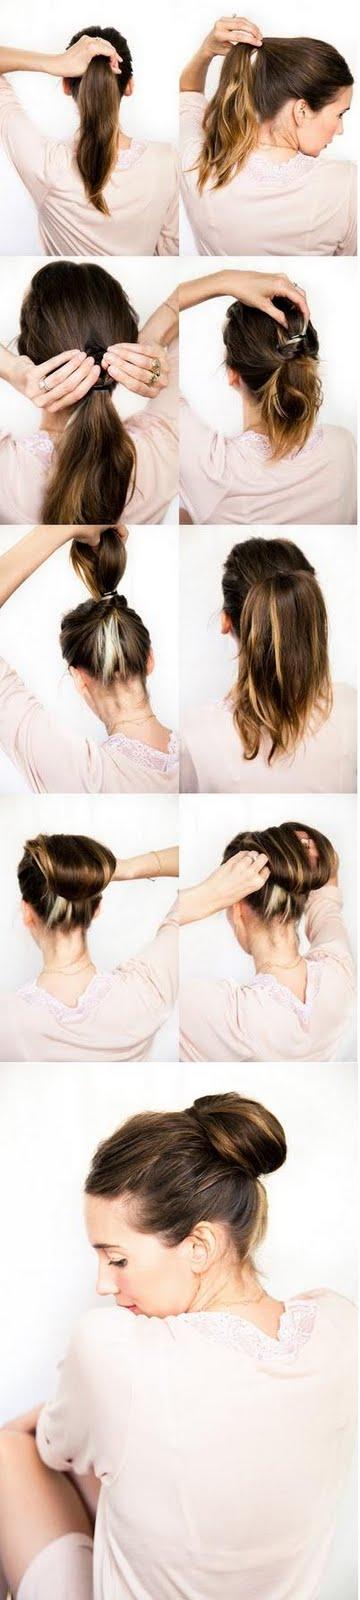 Doing Your Own Wedding Hair : Chestnut Bun Wedding Hairstyle Dark Brown Hairs